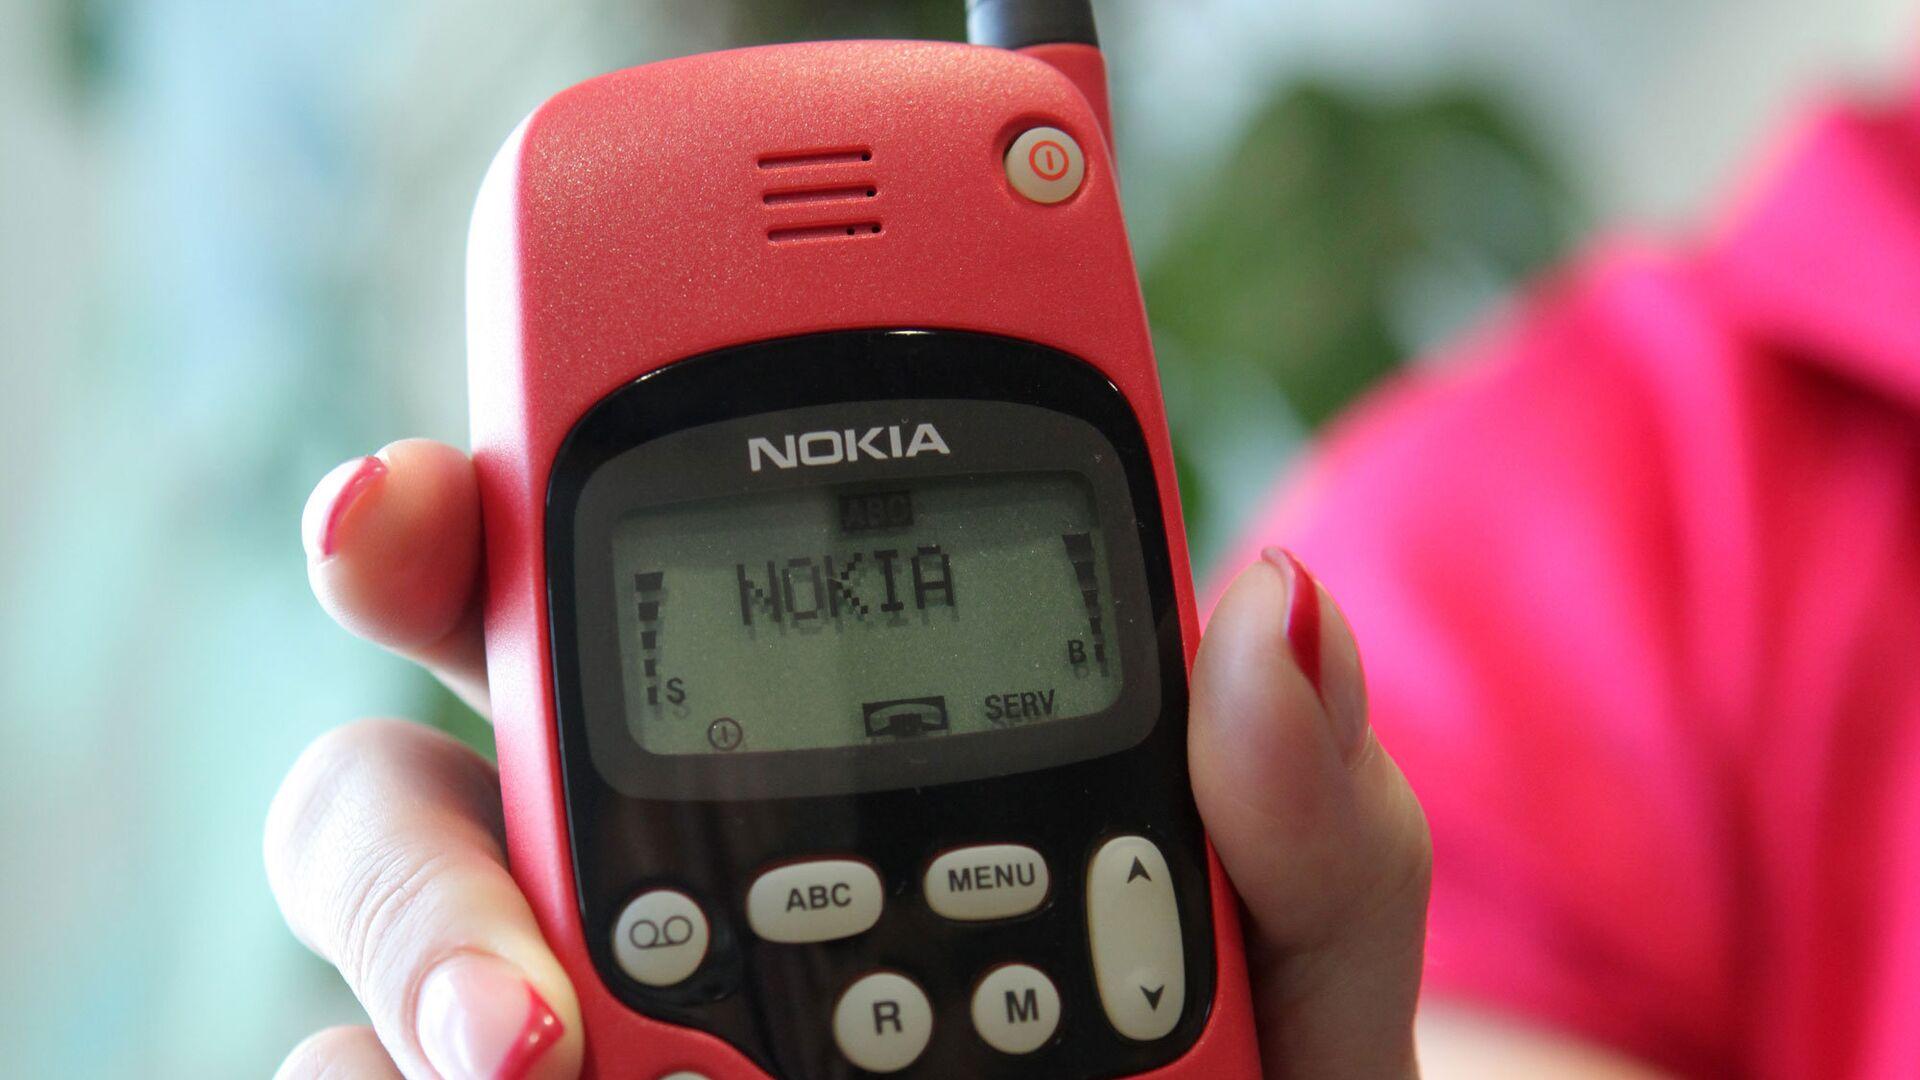 Сотовый телефон Nokia из коллекции МТС - РИА Новости, 1920, 06.11.2020